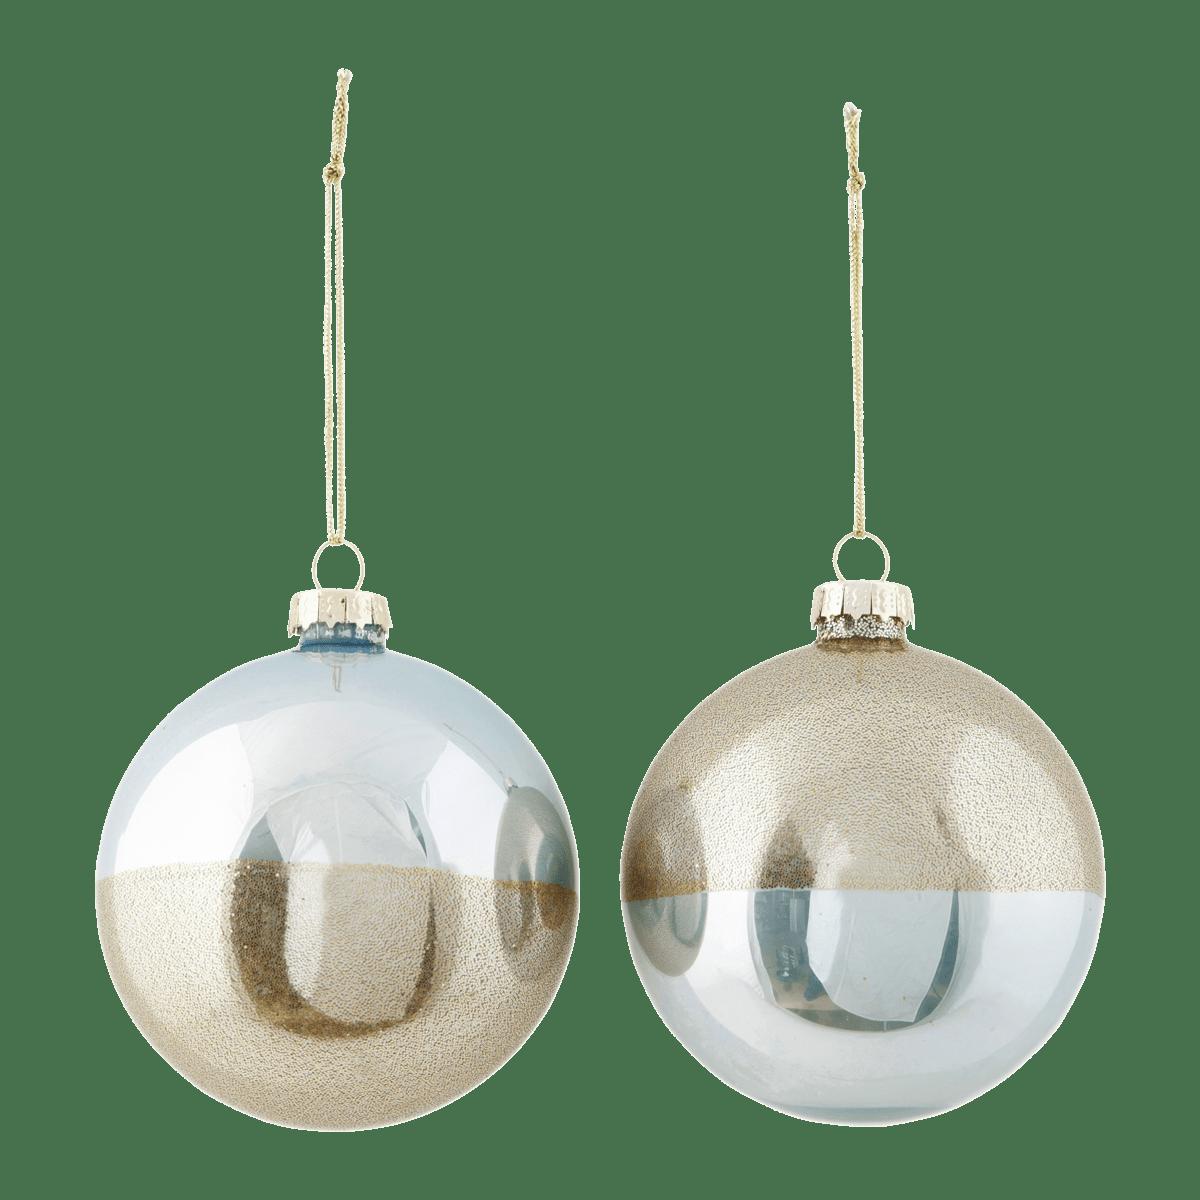 Modrozlaté dekorační baňka Upp 2 druhy